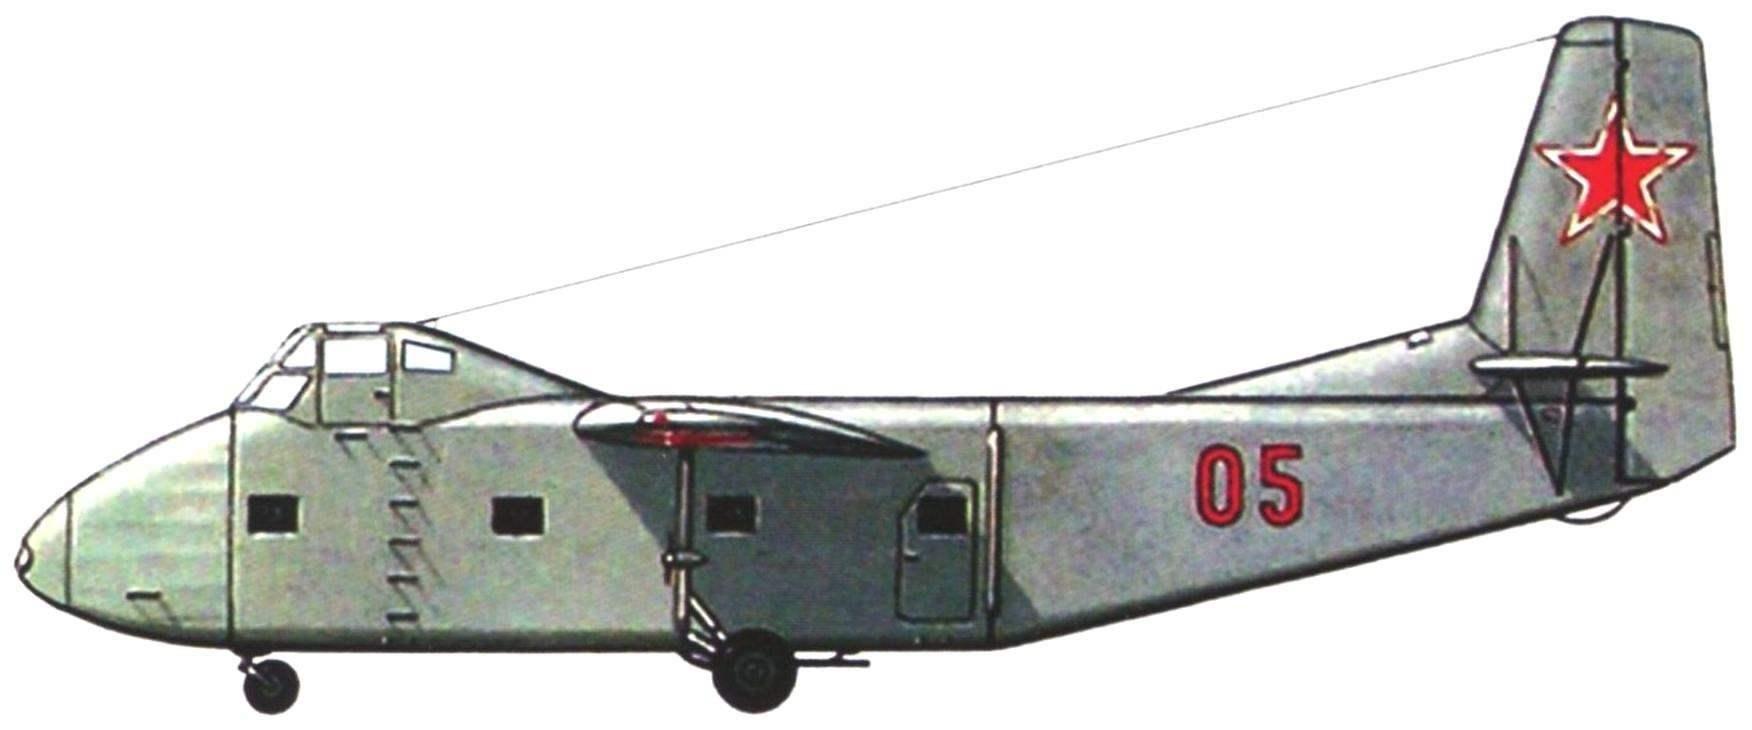 Серийный планёр, показанный на День авиации в Тушино в 1949 г. Планёр имел окончательное положение переднего иллюминатора грузовой кабины. Як-14 был покрашен в светло-серый цвет на всех поверхностях, и имел бортовой номер 05 красного цвета.